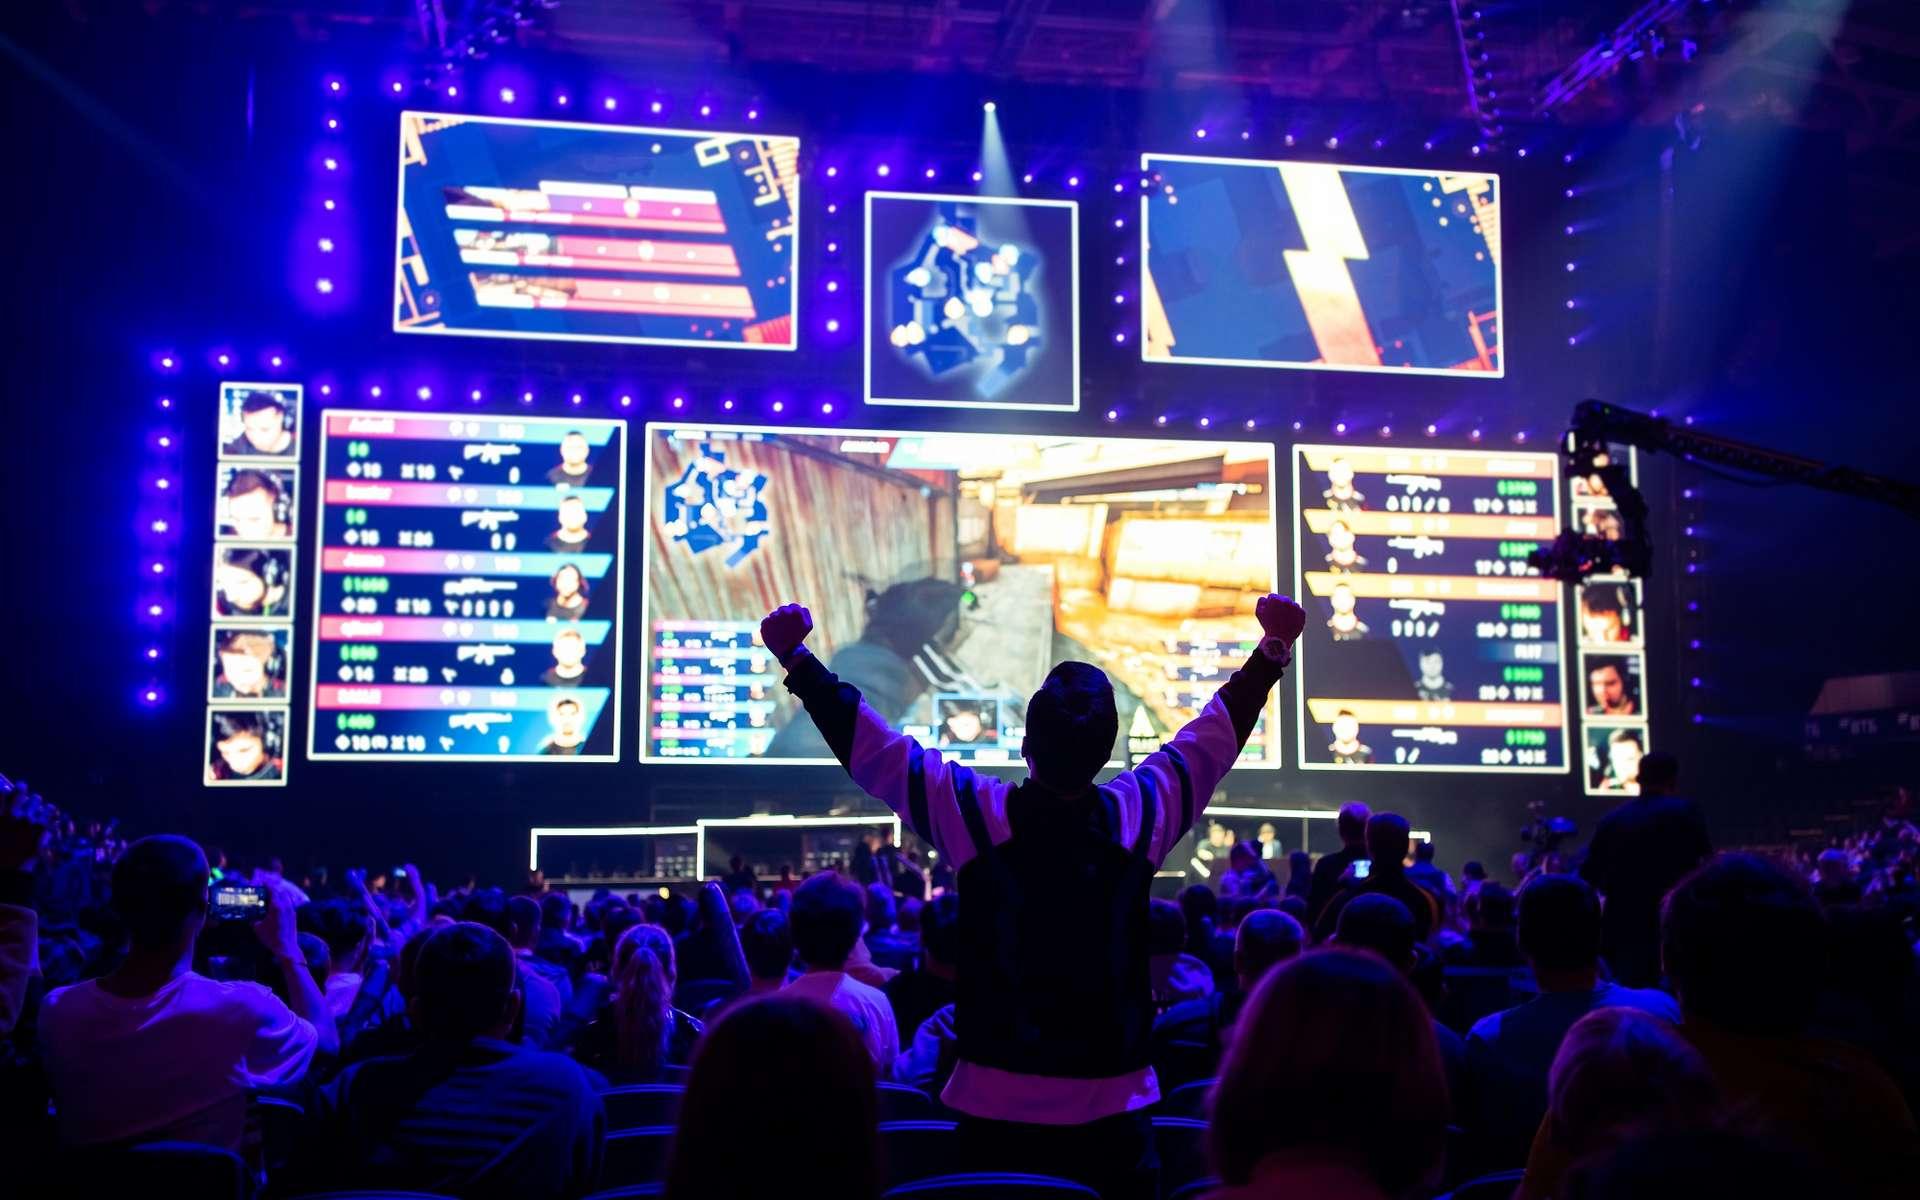 Les tournois e-sport rassemblent de plus en plus fans et mobilisent de plus en plus de moyens de communication comme les chaînes YouTube ou les réseaux sociaux. © romankosolapov, Adobe Stock.